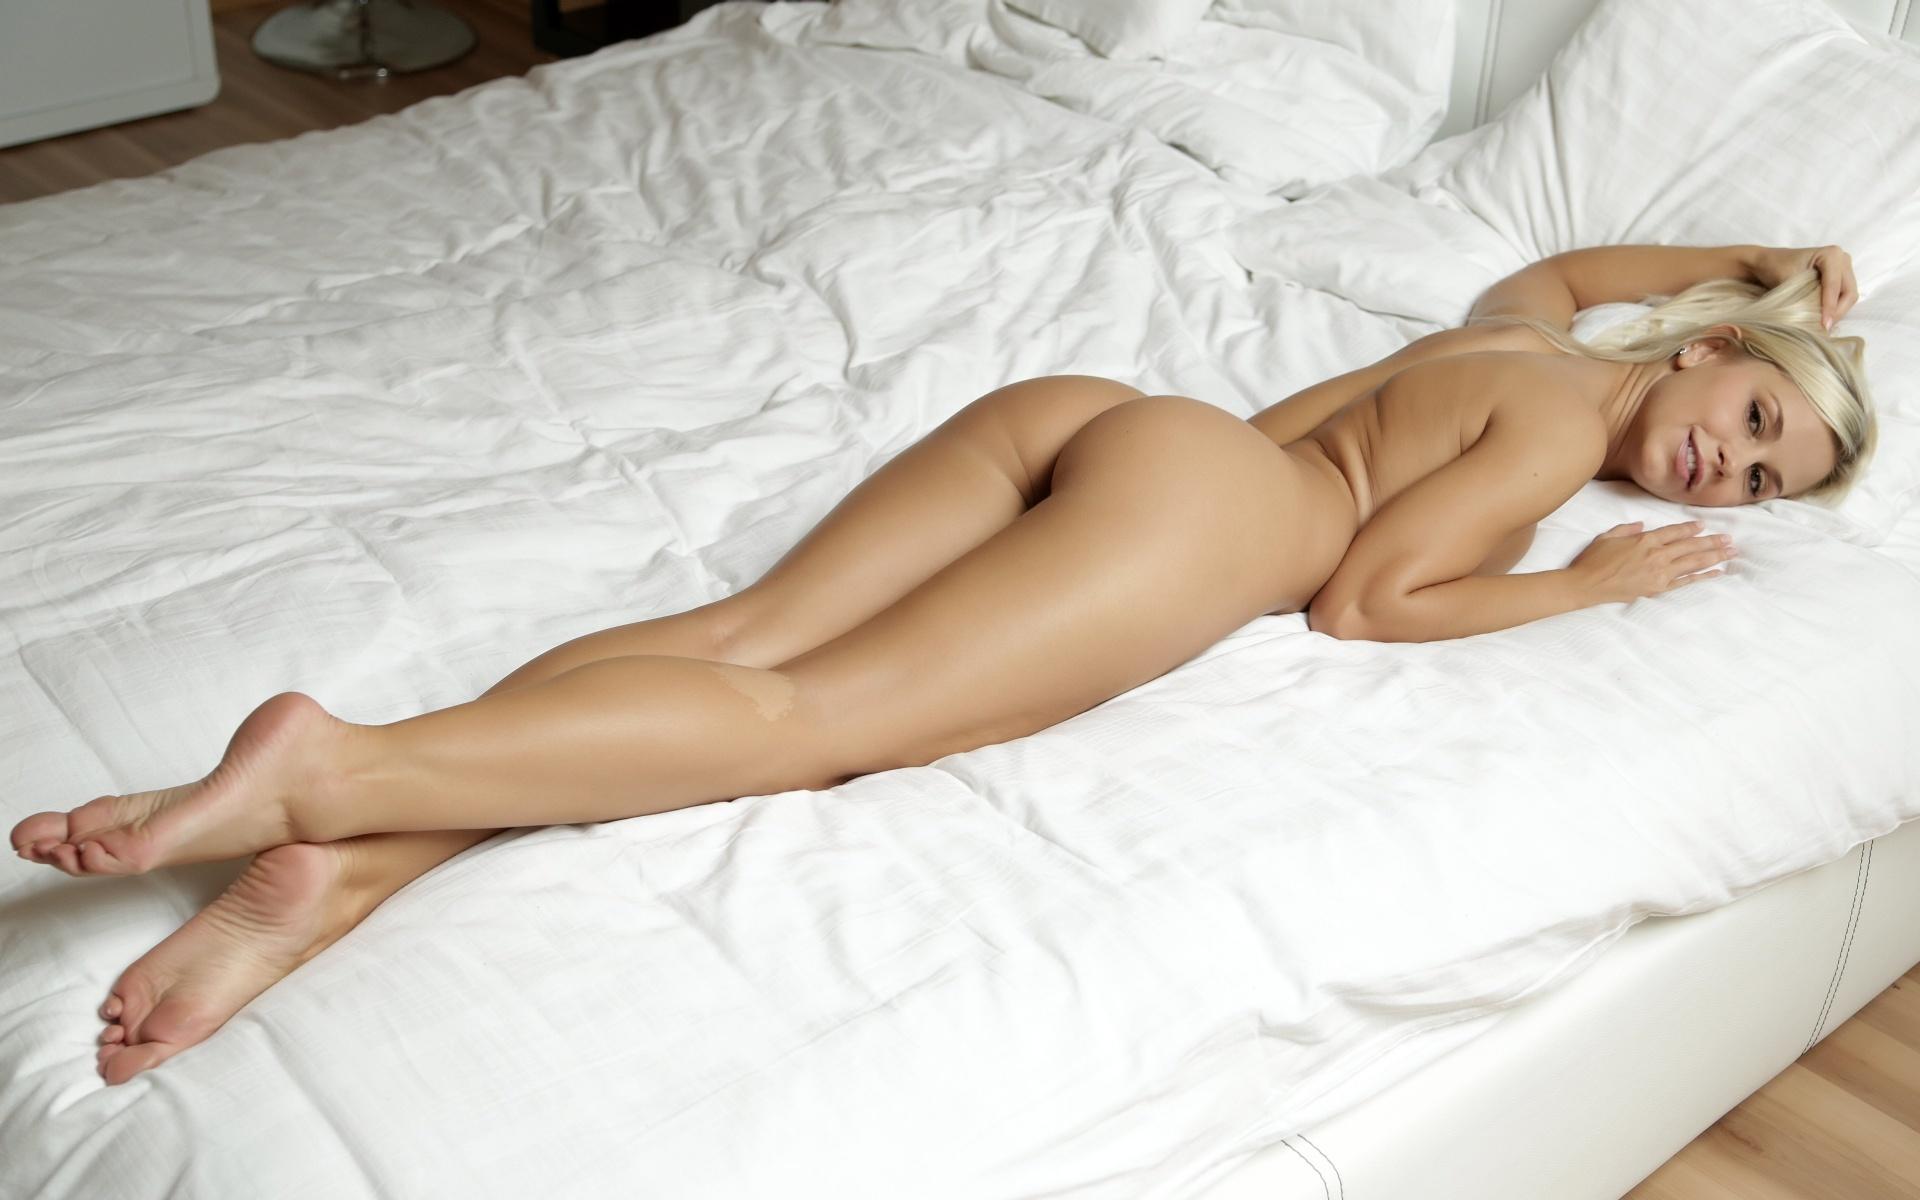 обнаженные с раздвинутыми ногами в постели девушки фото удовольствием начала